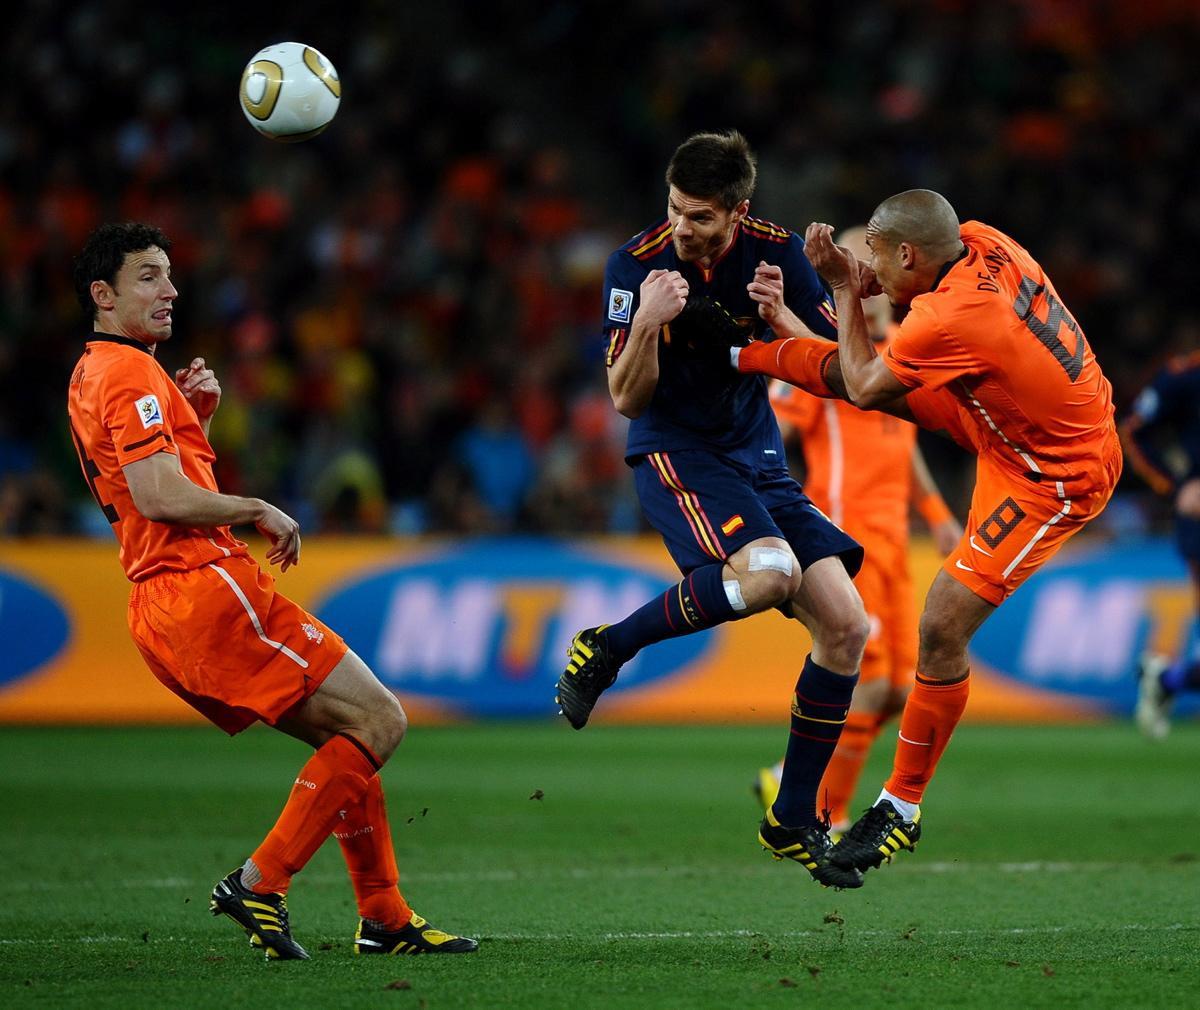 Nigel de Jong versus Xabi Alonso.